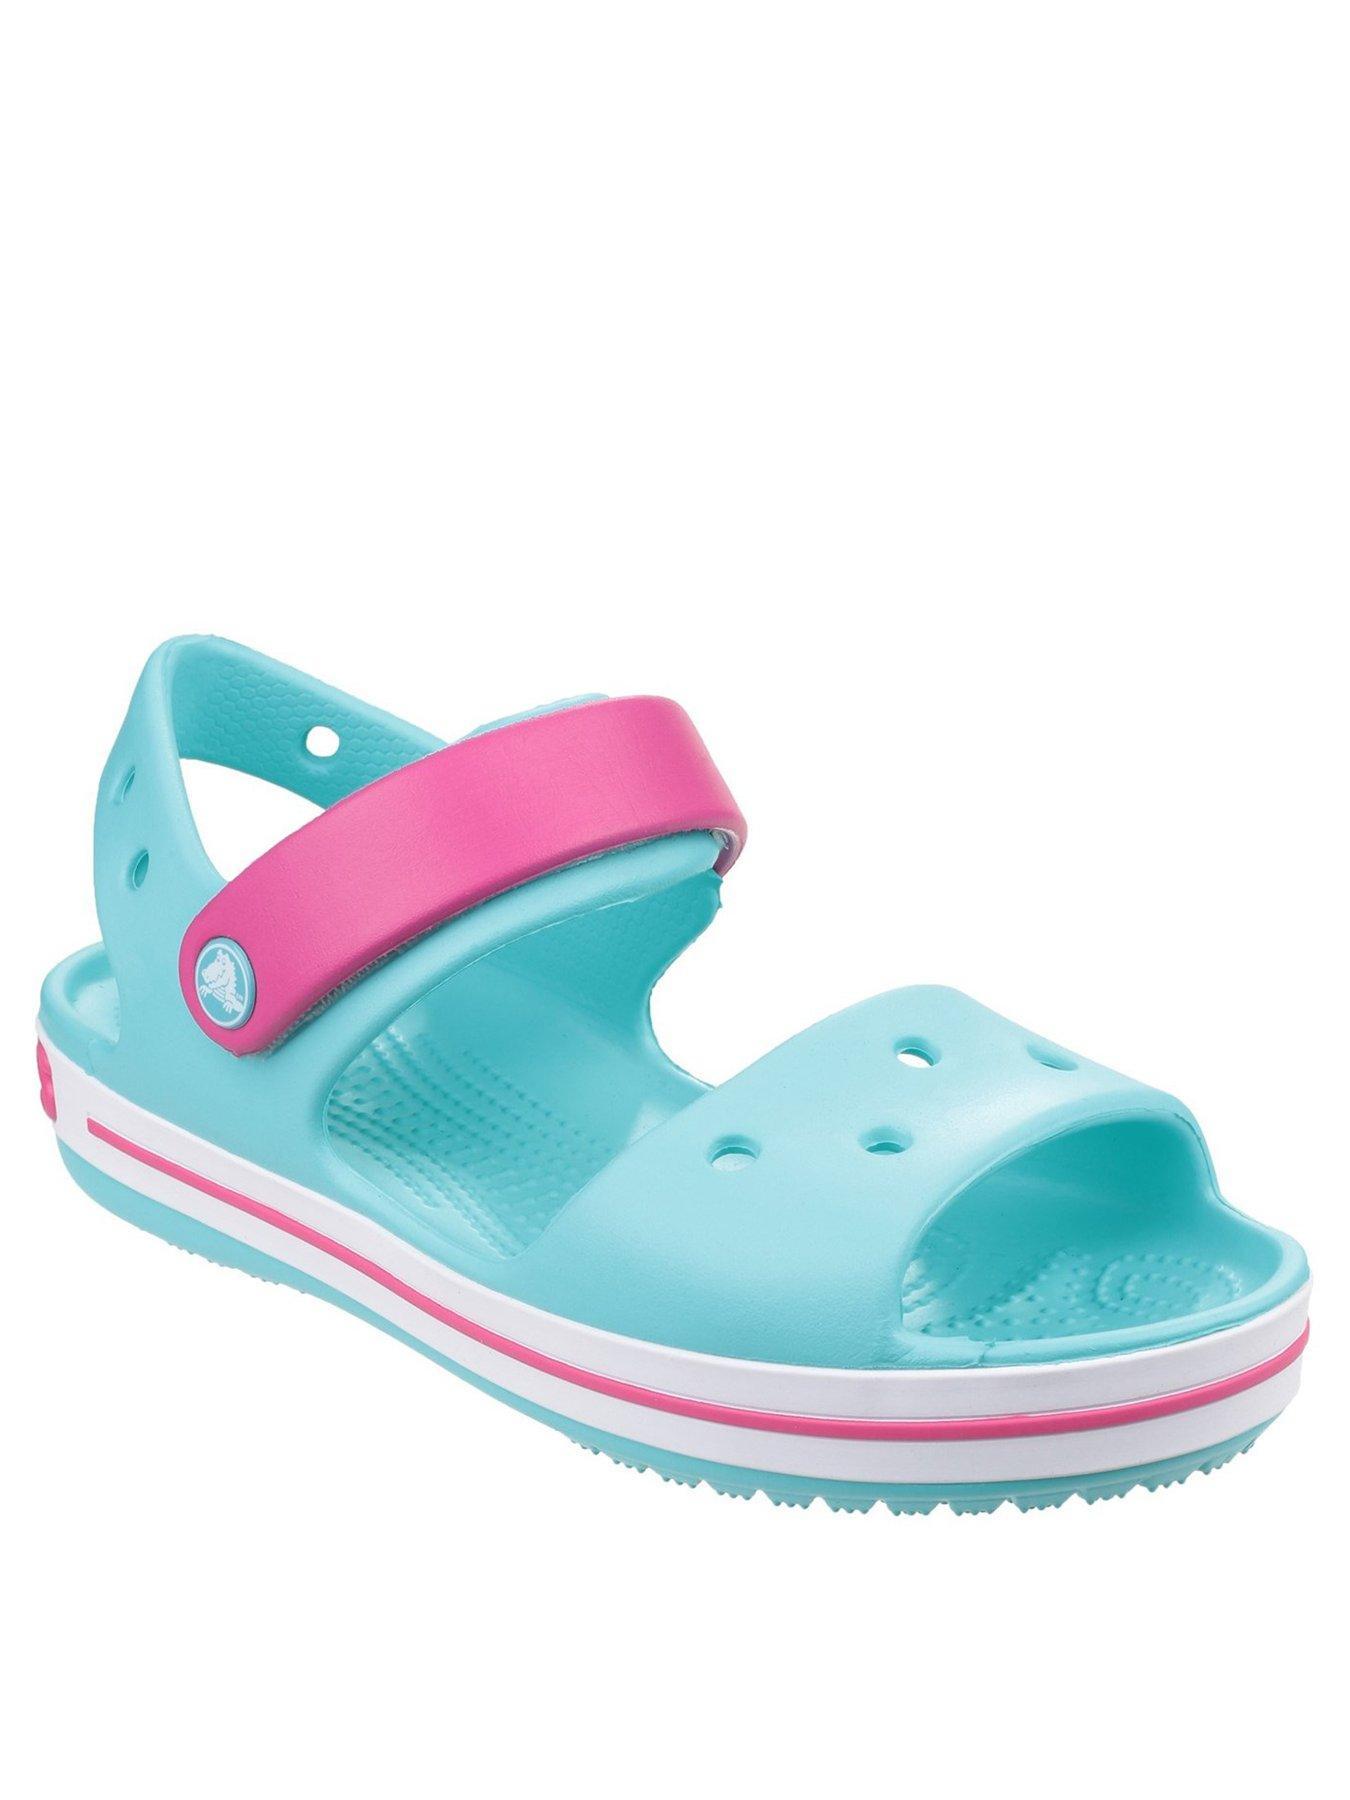 Girl | Crocs | Sandals \u0026 flip flops